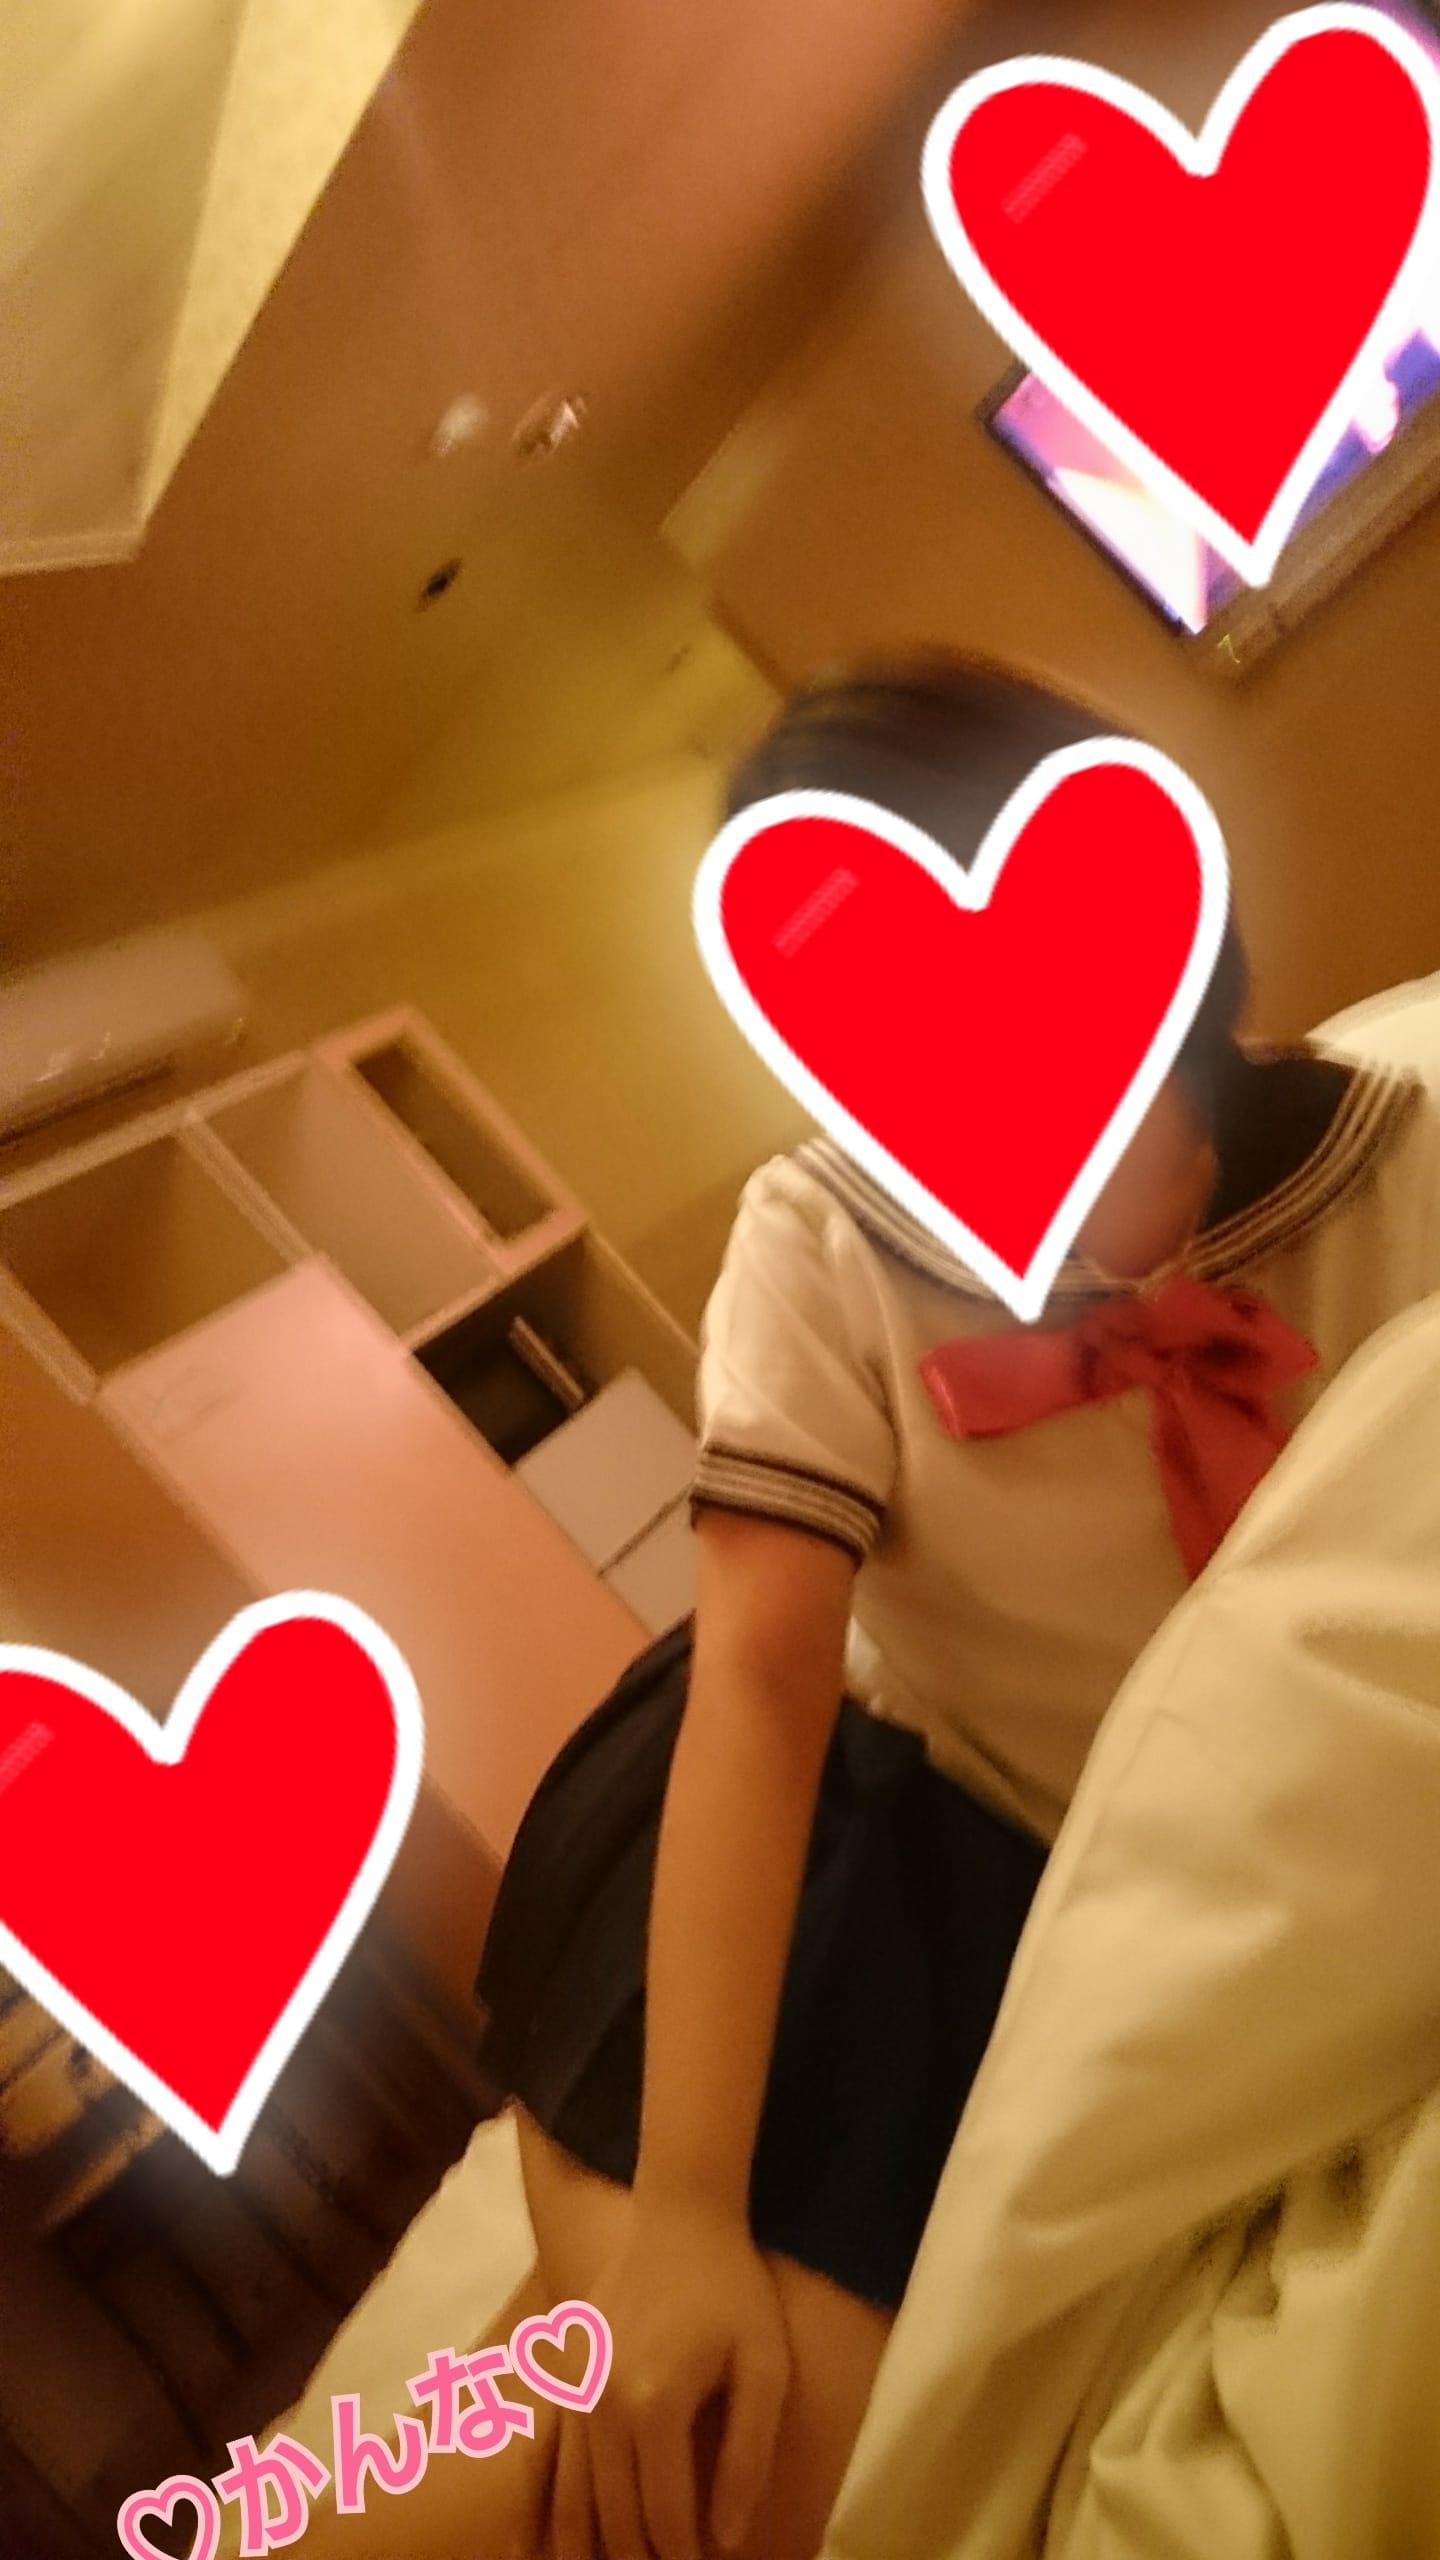 「☆」11/24(金) 23:31 | かんなの写メ・風俗動画